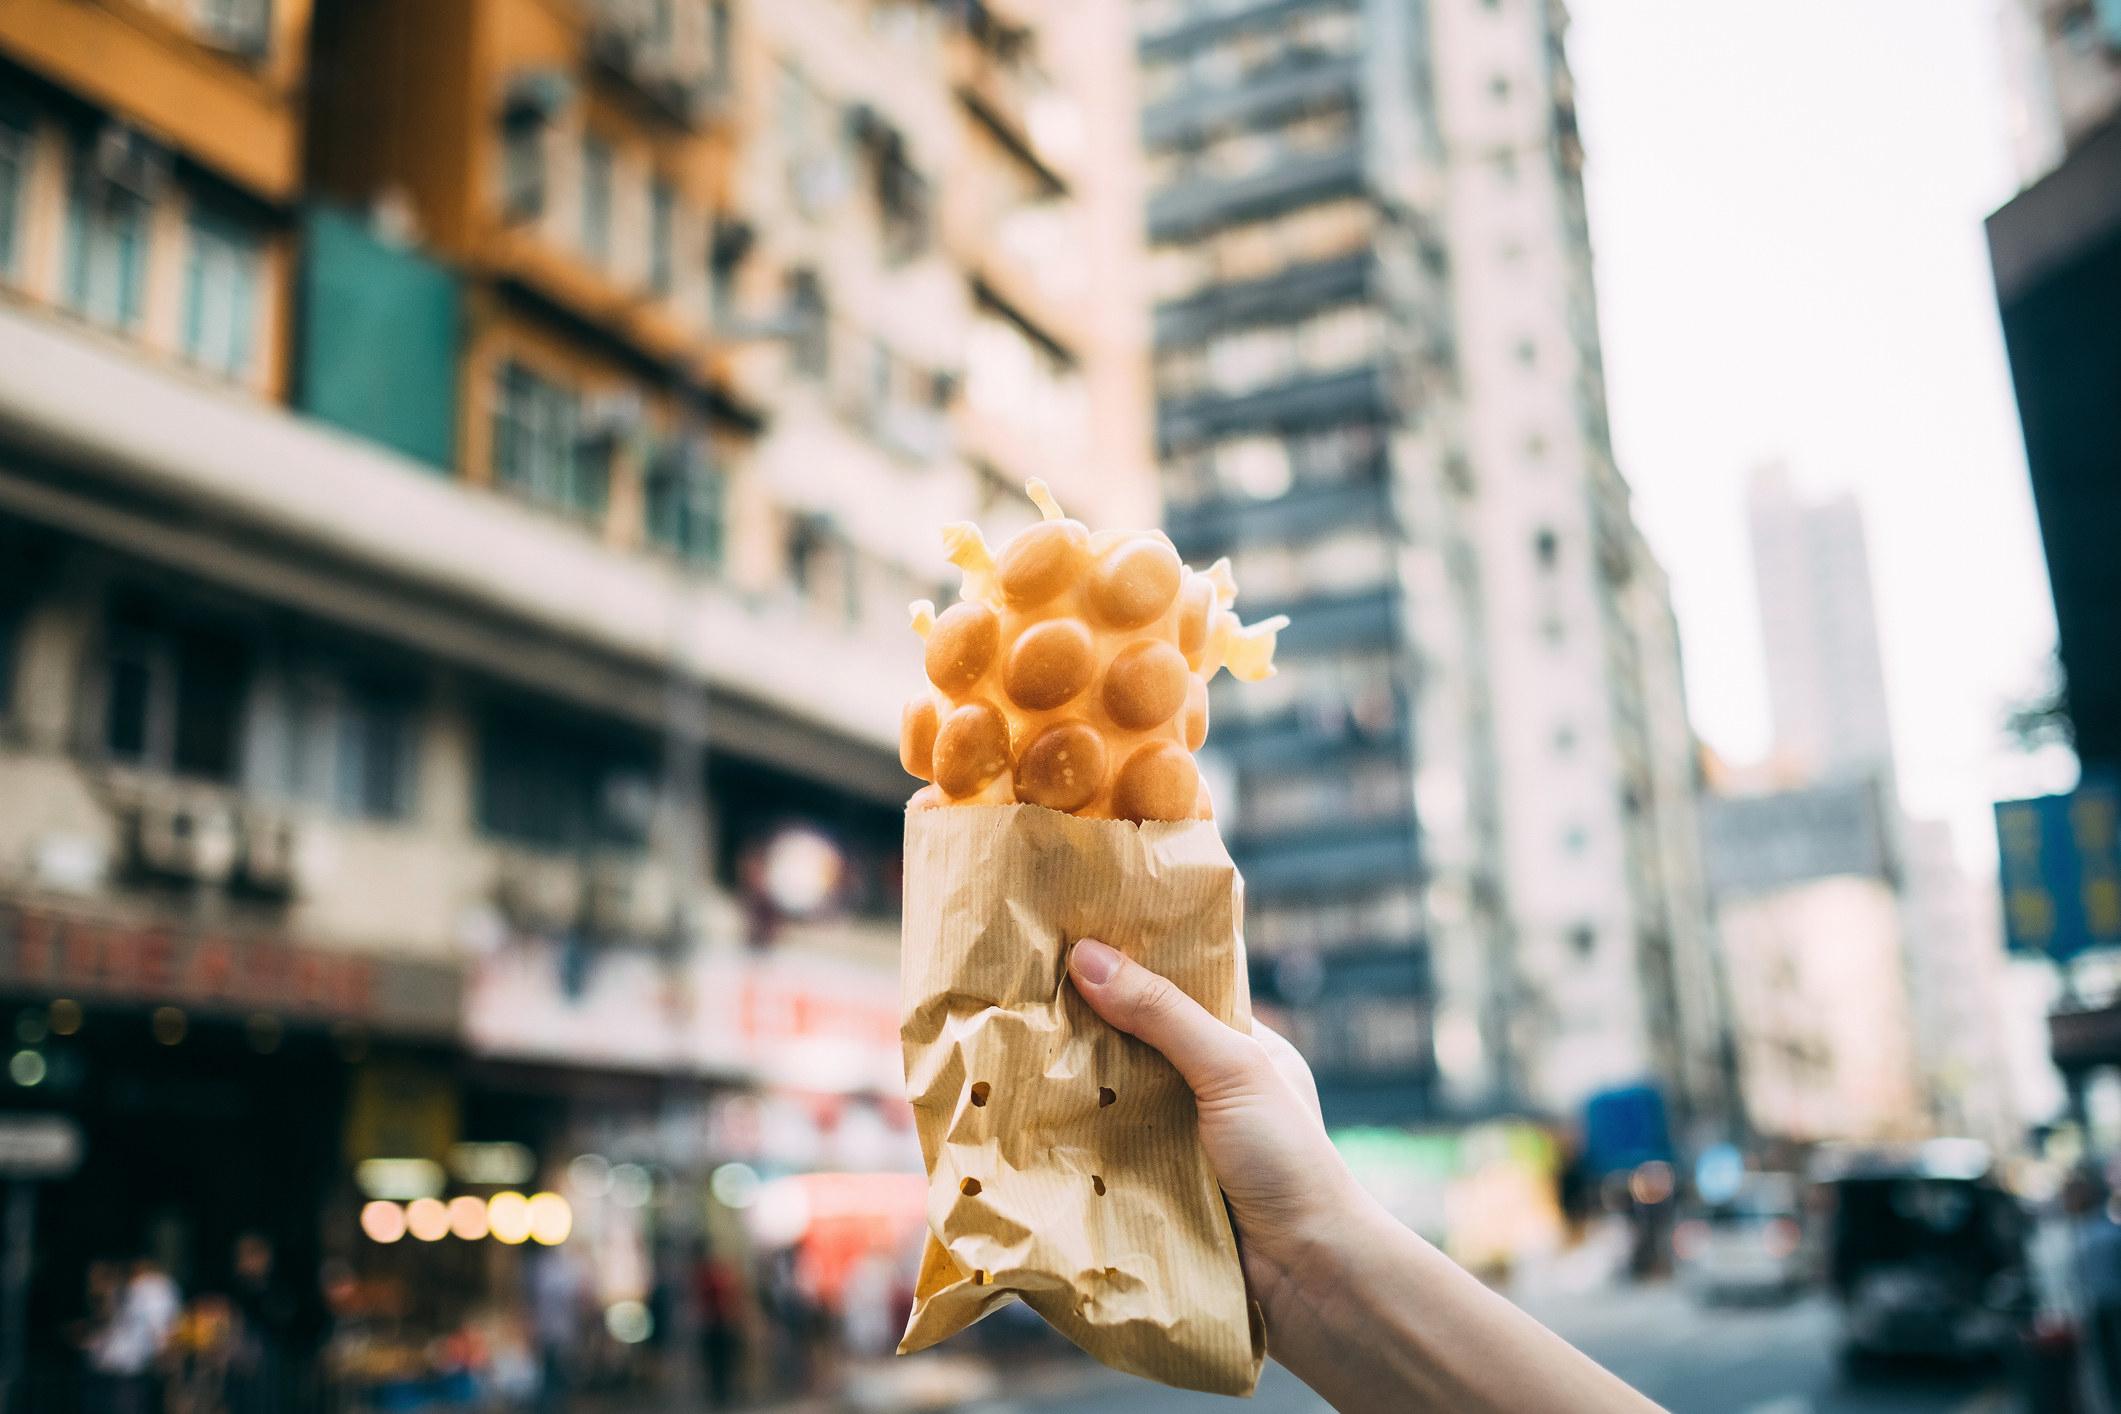 A Hong Kong style egg waffle.